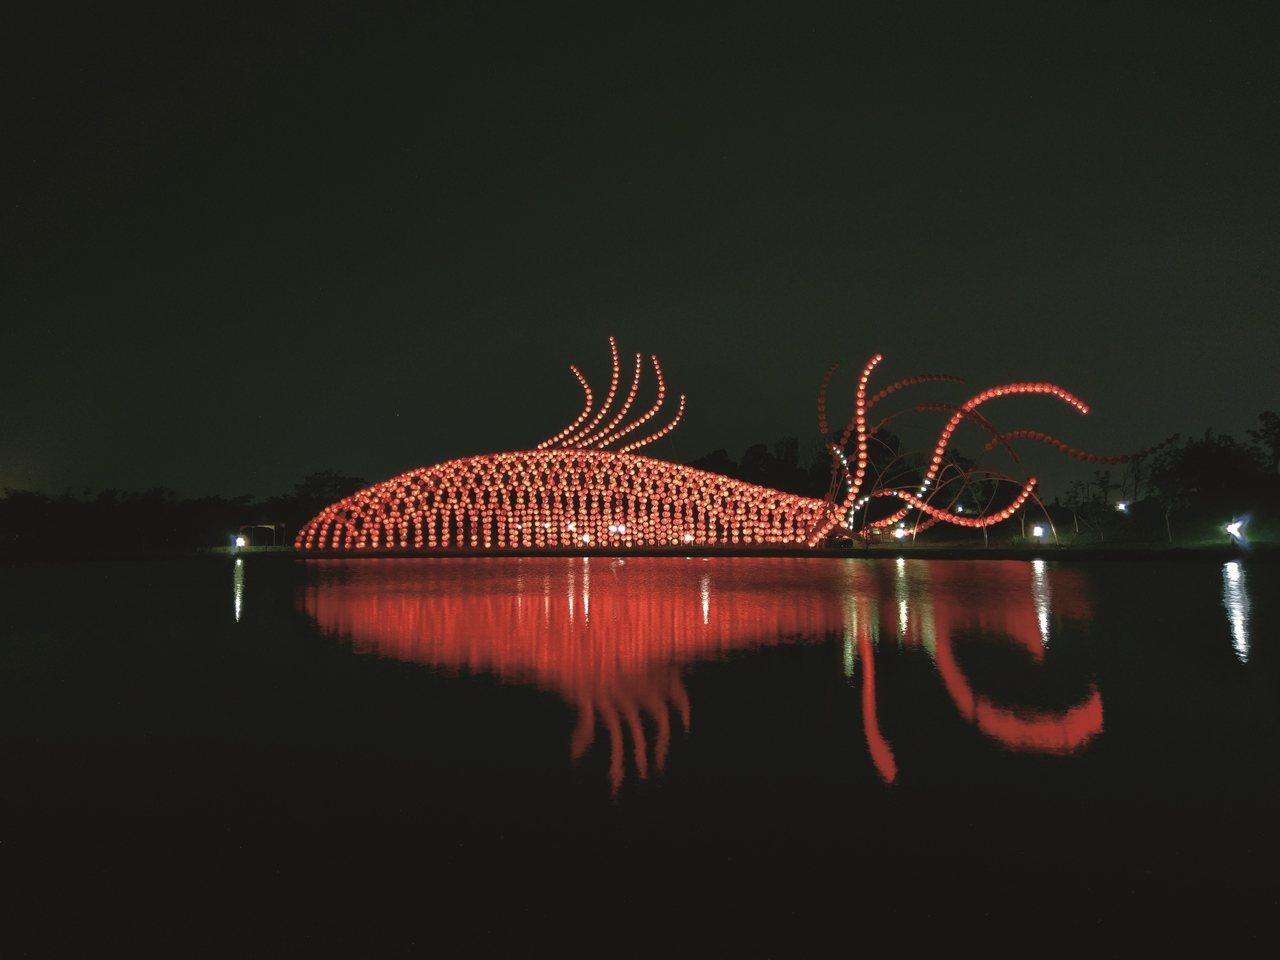 宜蘭傳藝中心打造全台最長的燈籠隧道「魚耀隧道」。圖/全聯善美的文化藝術基金會提供